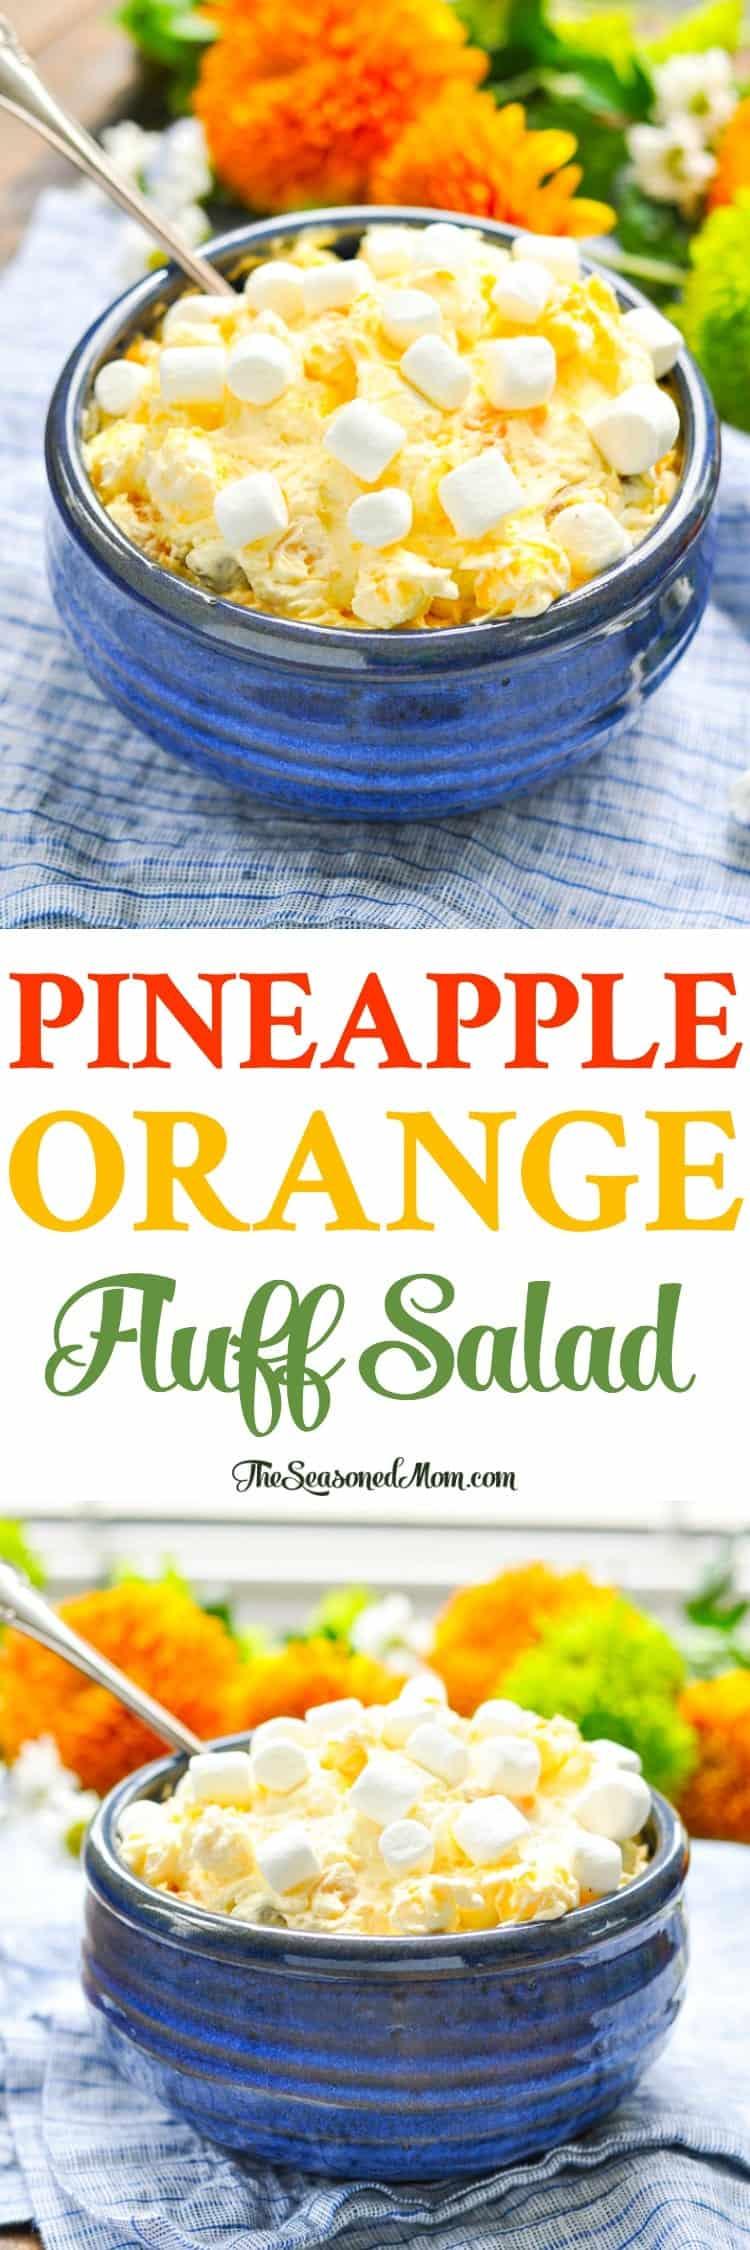 Pineapple Fruit Salad 47